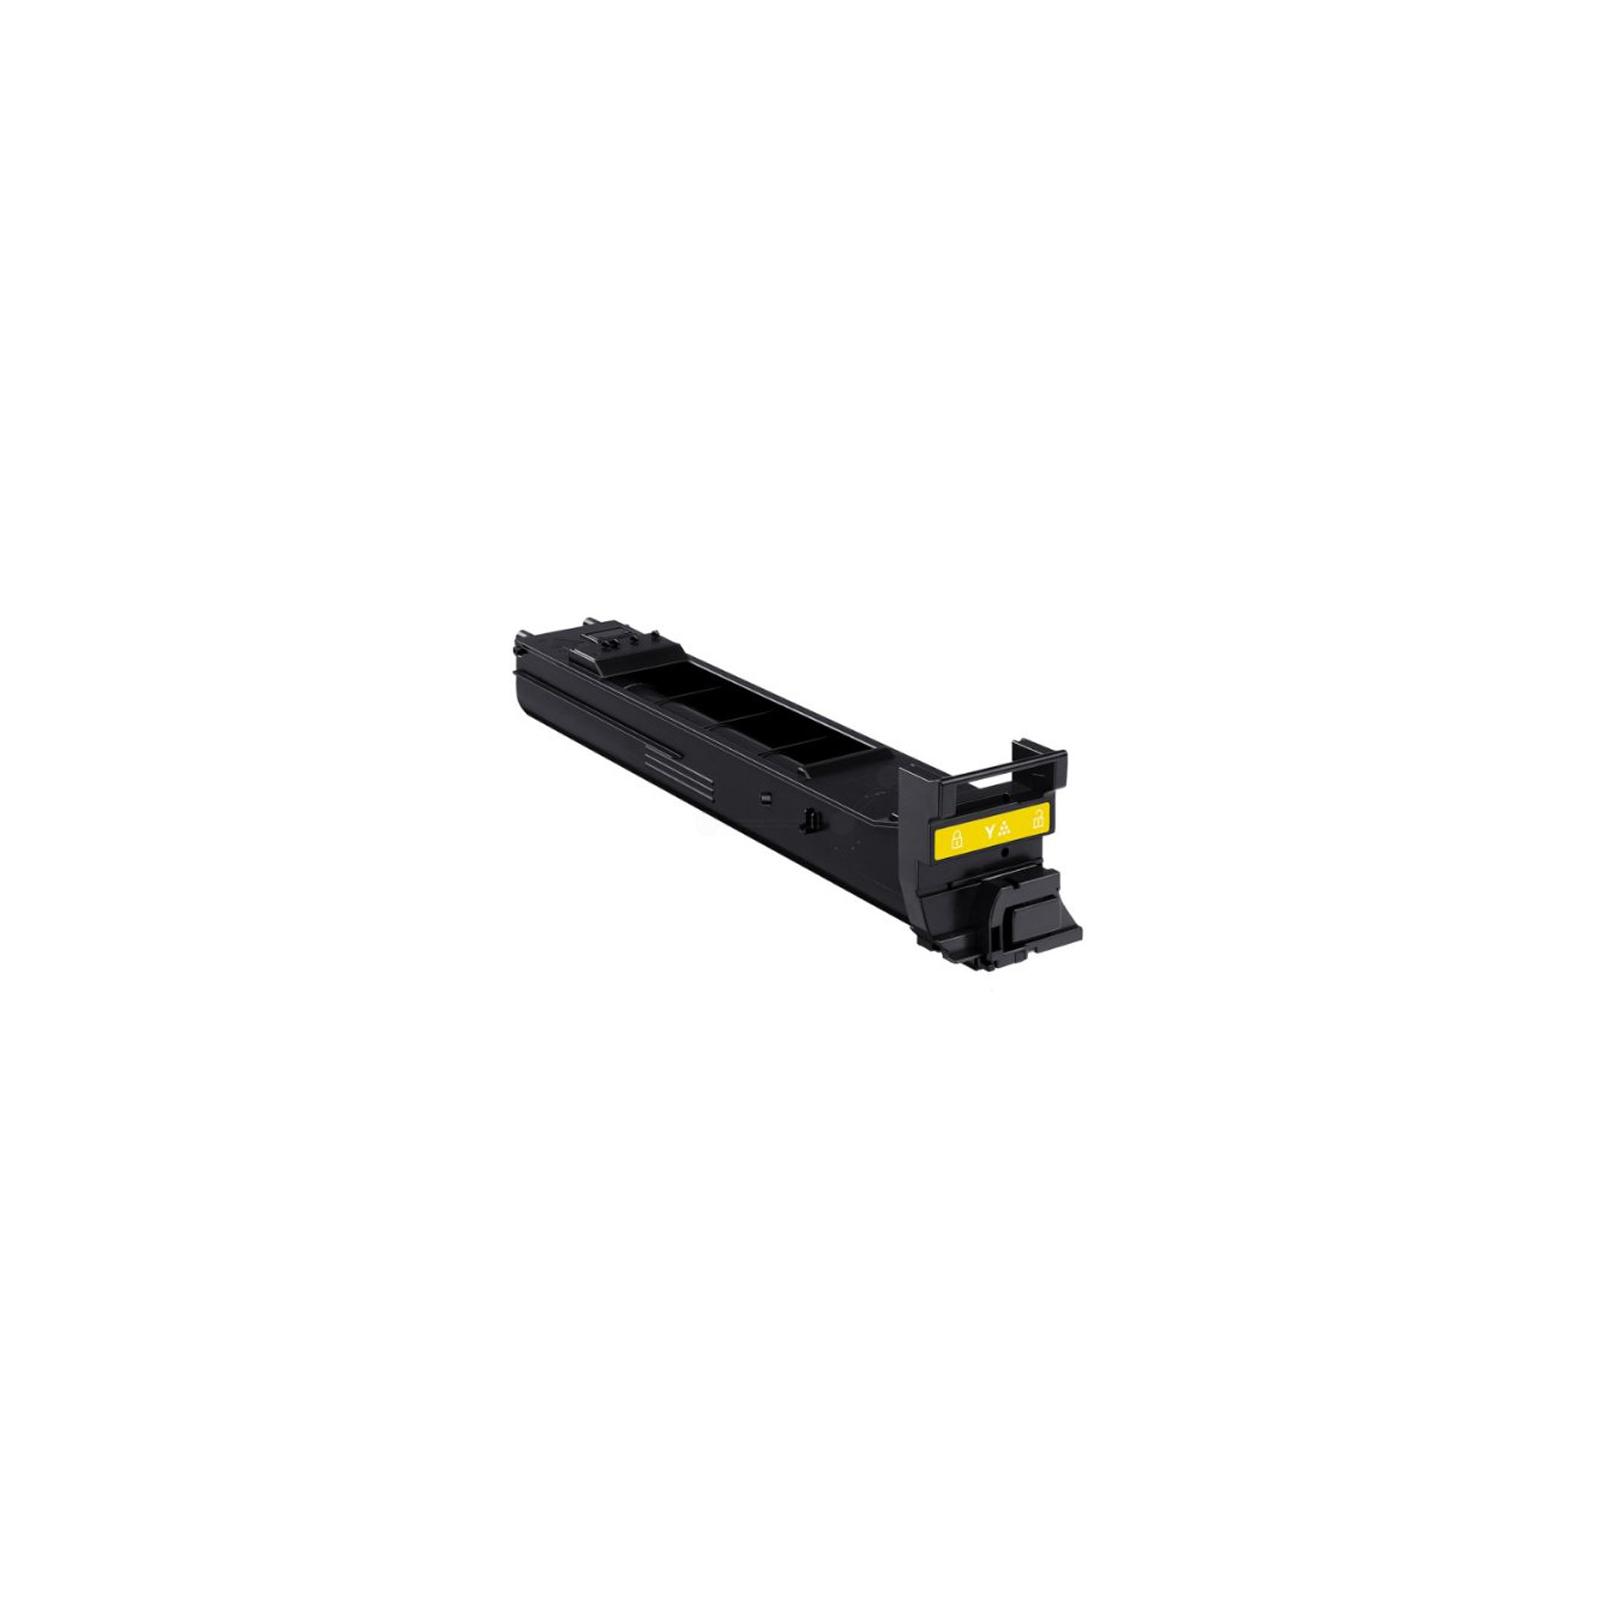 Тонер-картридж KONICA MINOLTA MagiColor 4600 Series (yellow) 4К (A0DK251) изображение 2